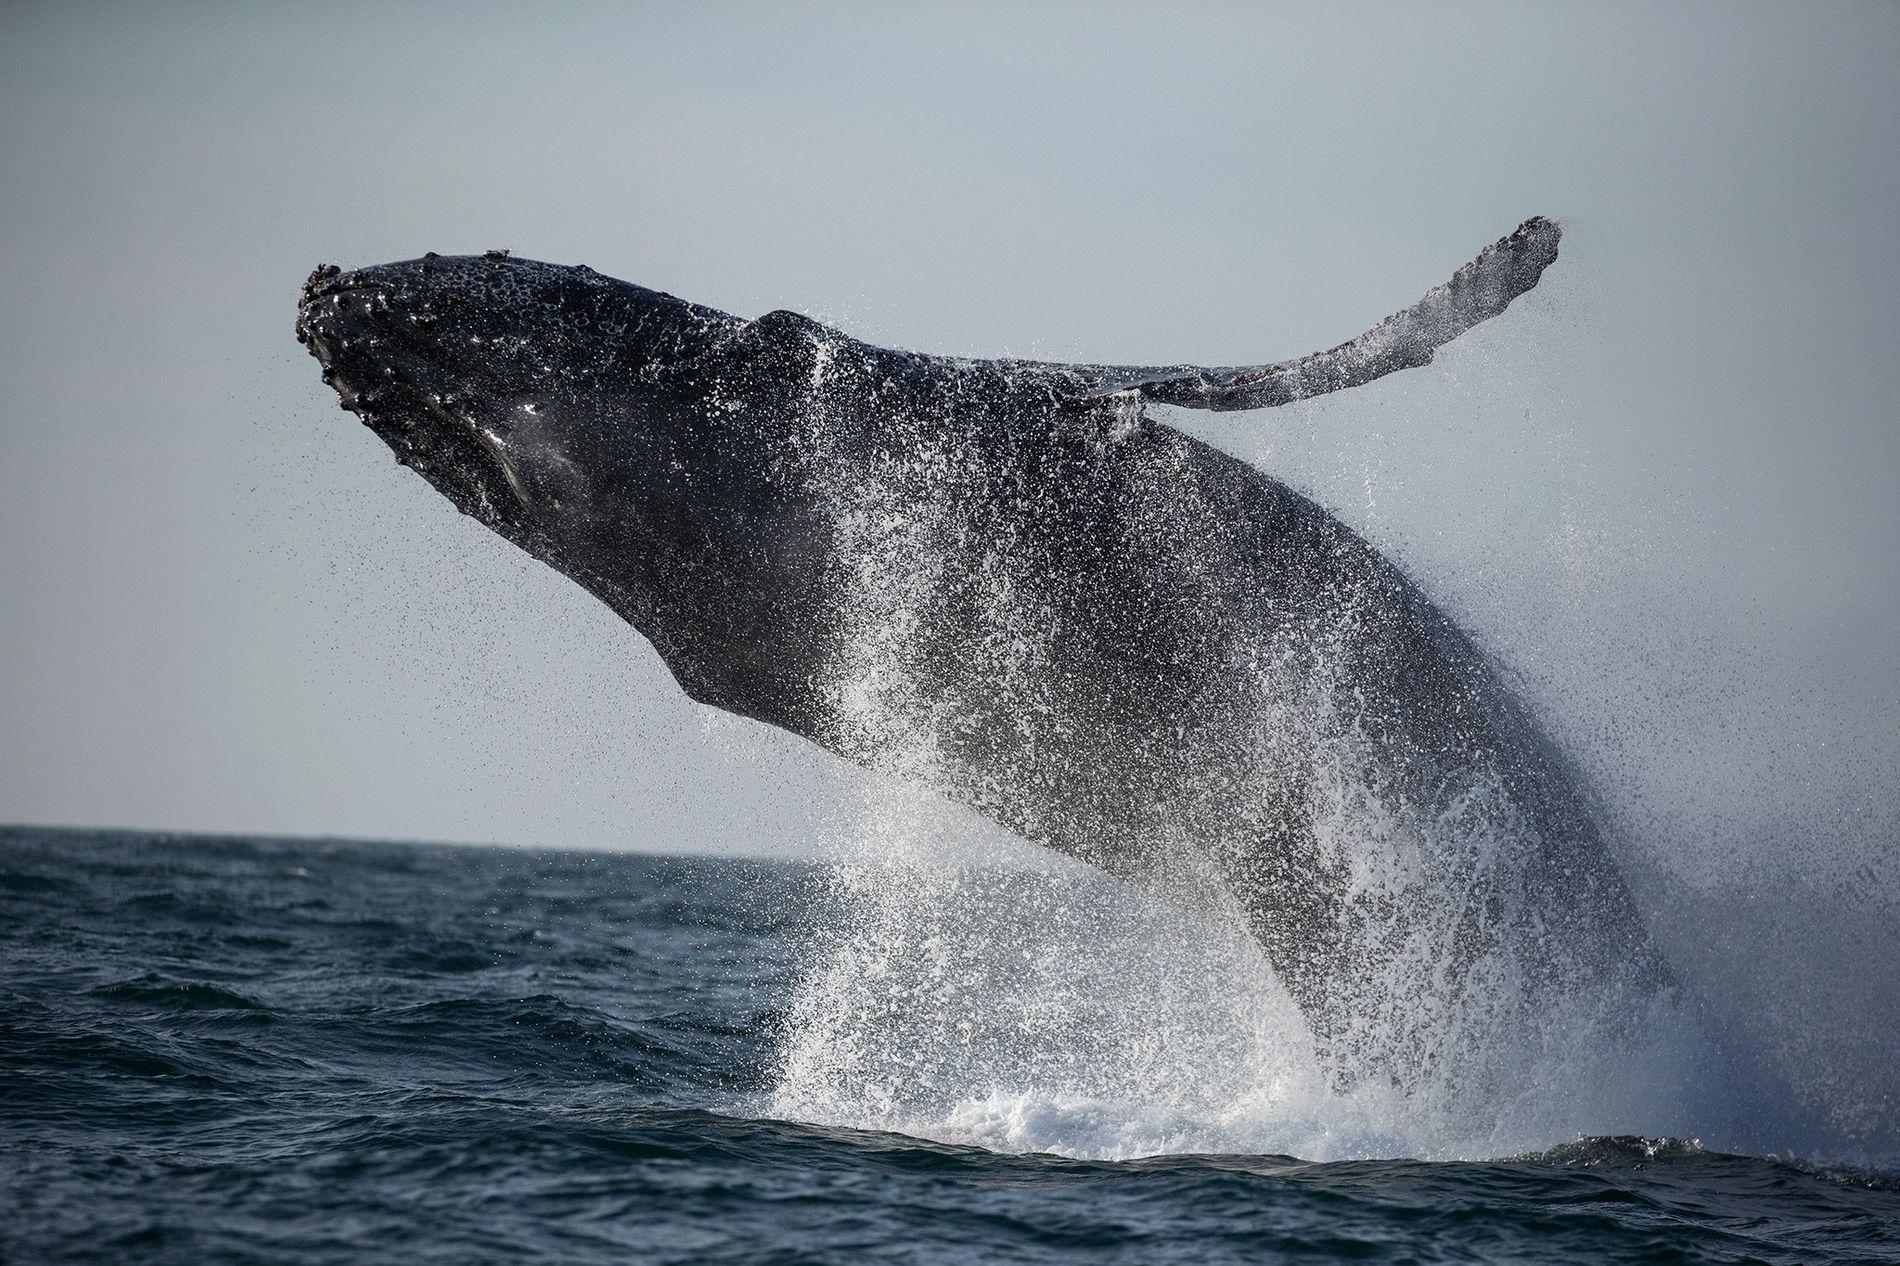 Seit Januar 2016 haben Wissenschaftler an der Ostküste der USA 88 tote Wale gezählt – mehr als doppelt so viele wie in den vorangegangenen drei Jahren.